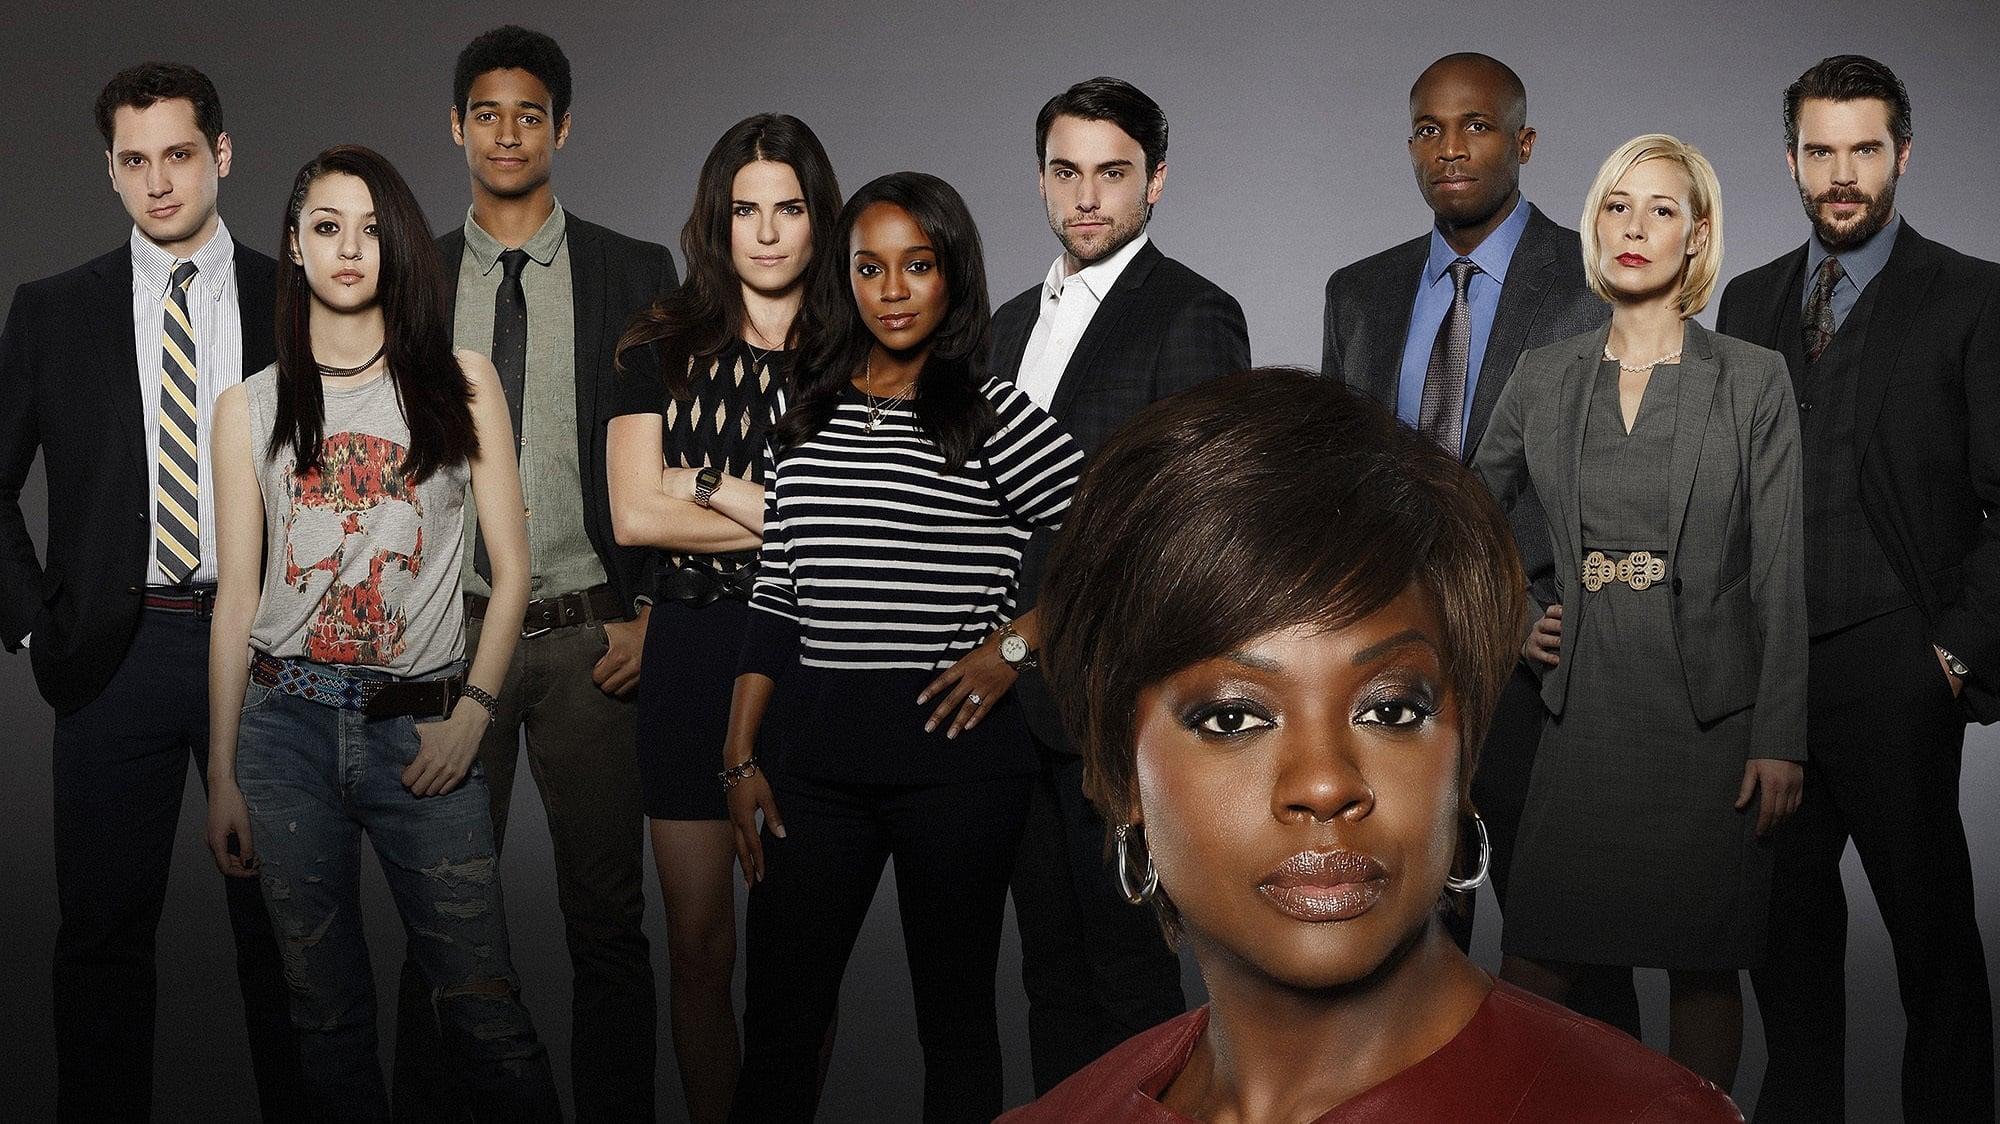 Le regole del delitto perfetto - Season 6 Episode 5